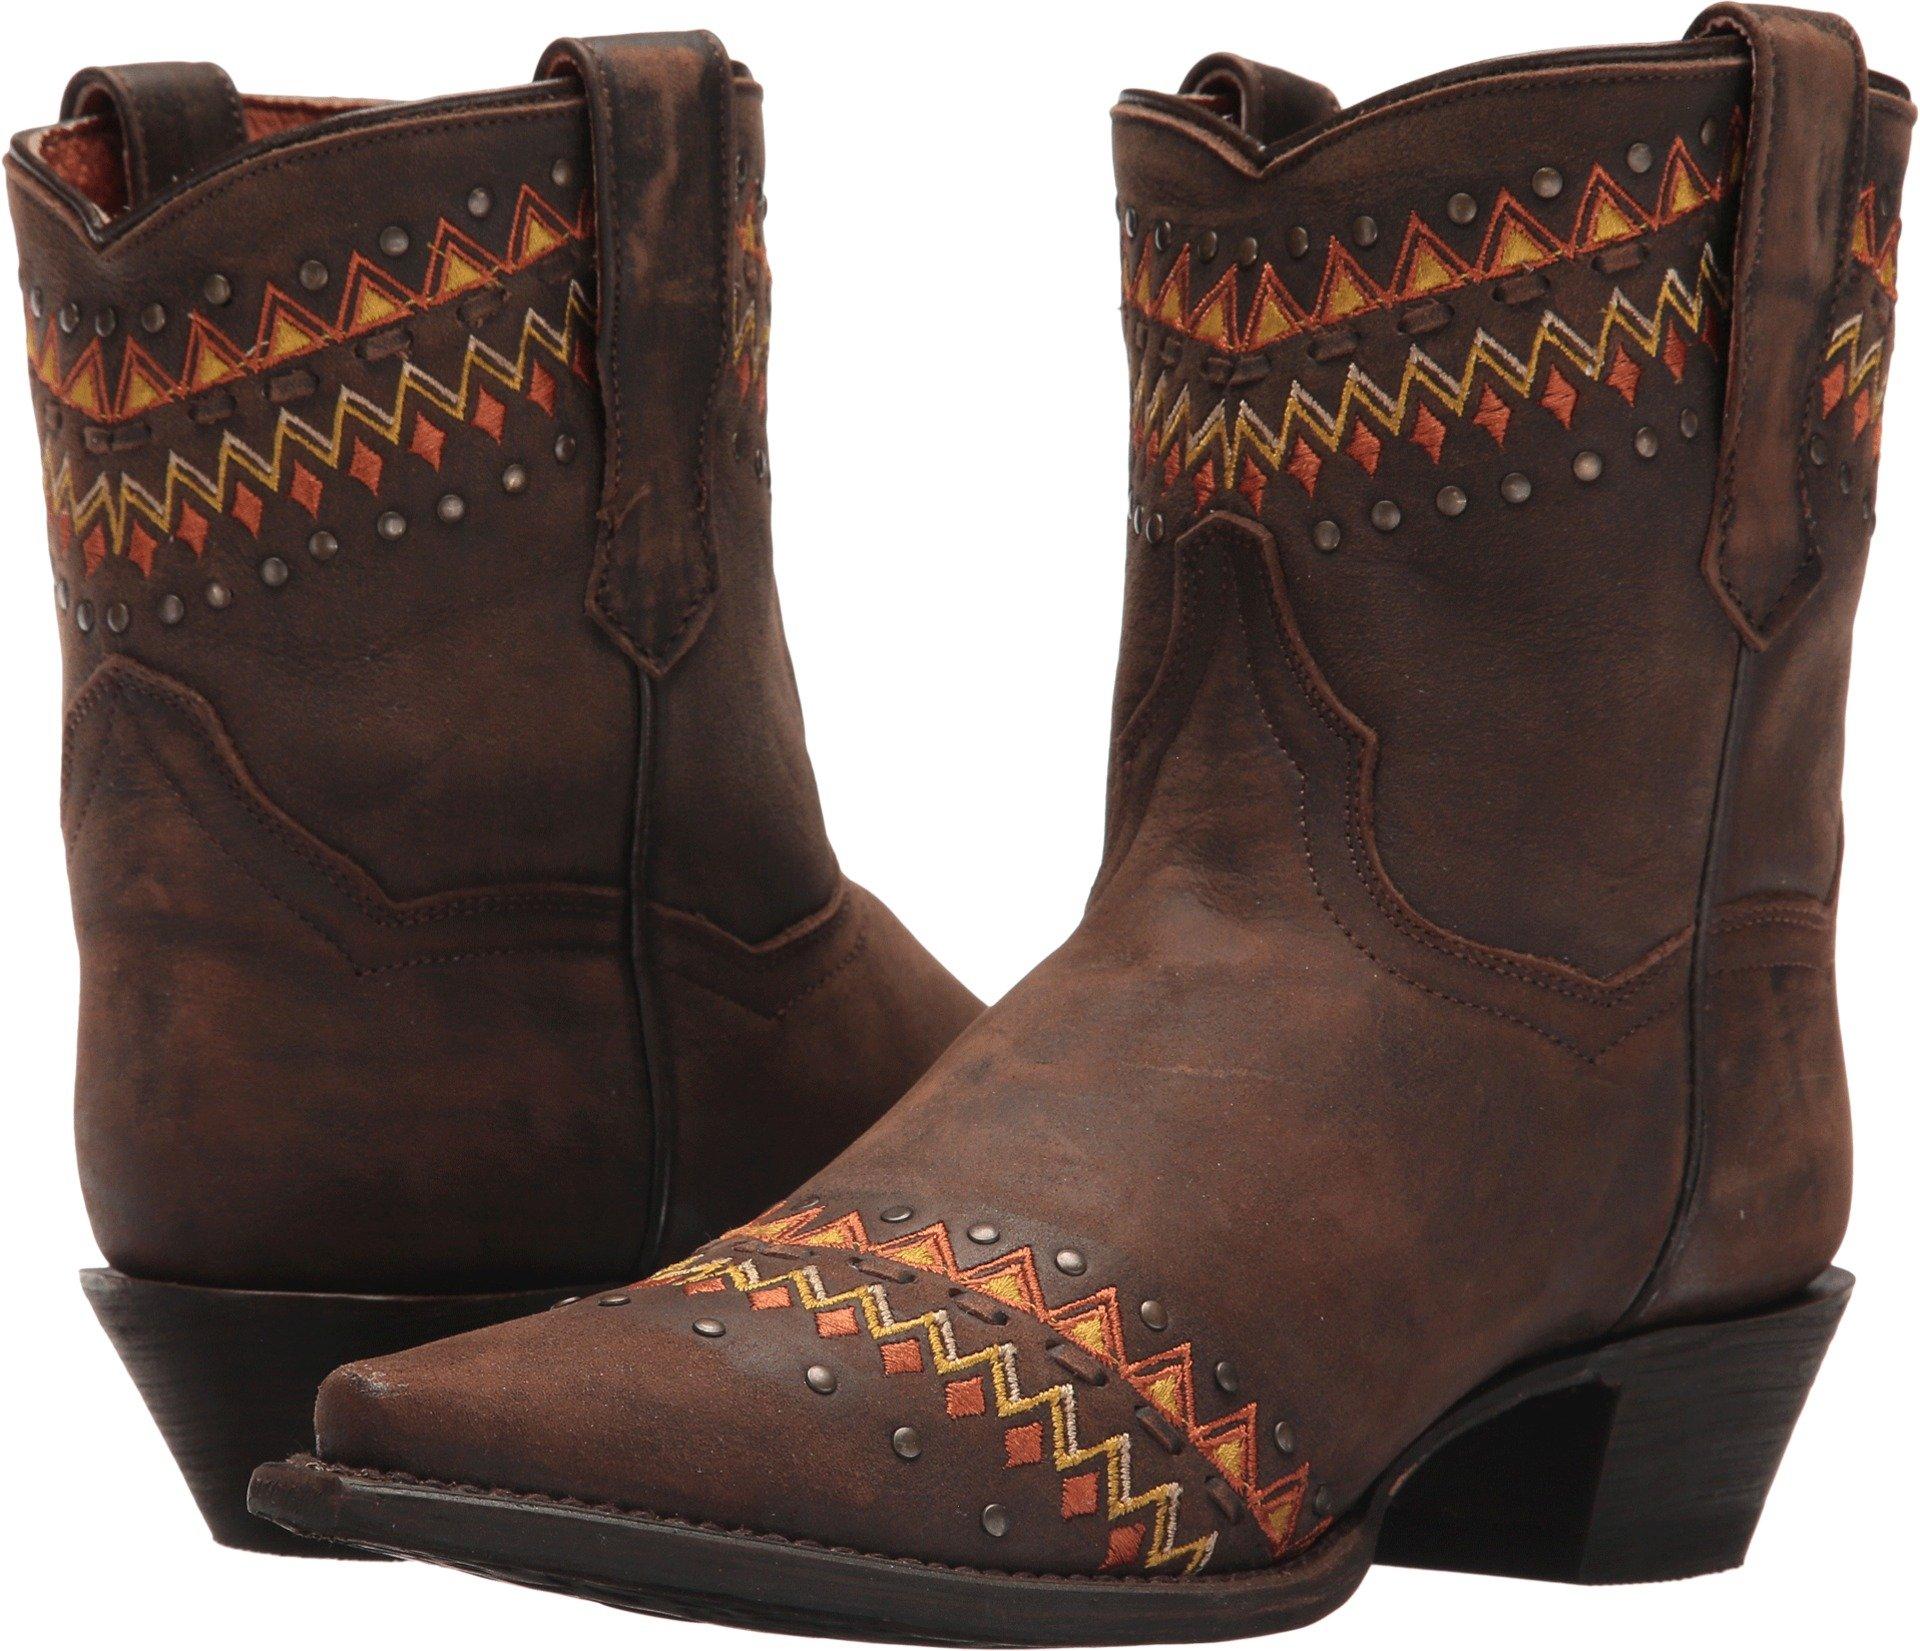 Dan Post Western Boot Womens Autumn Snip 6.5 M Dark Brown DP3738